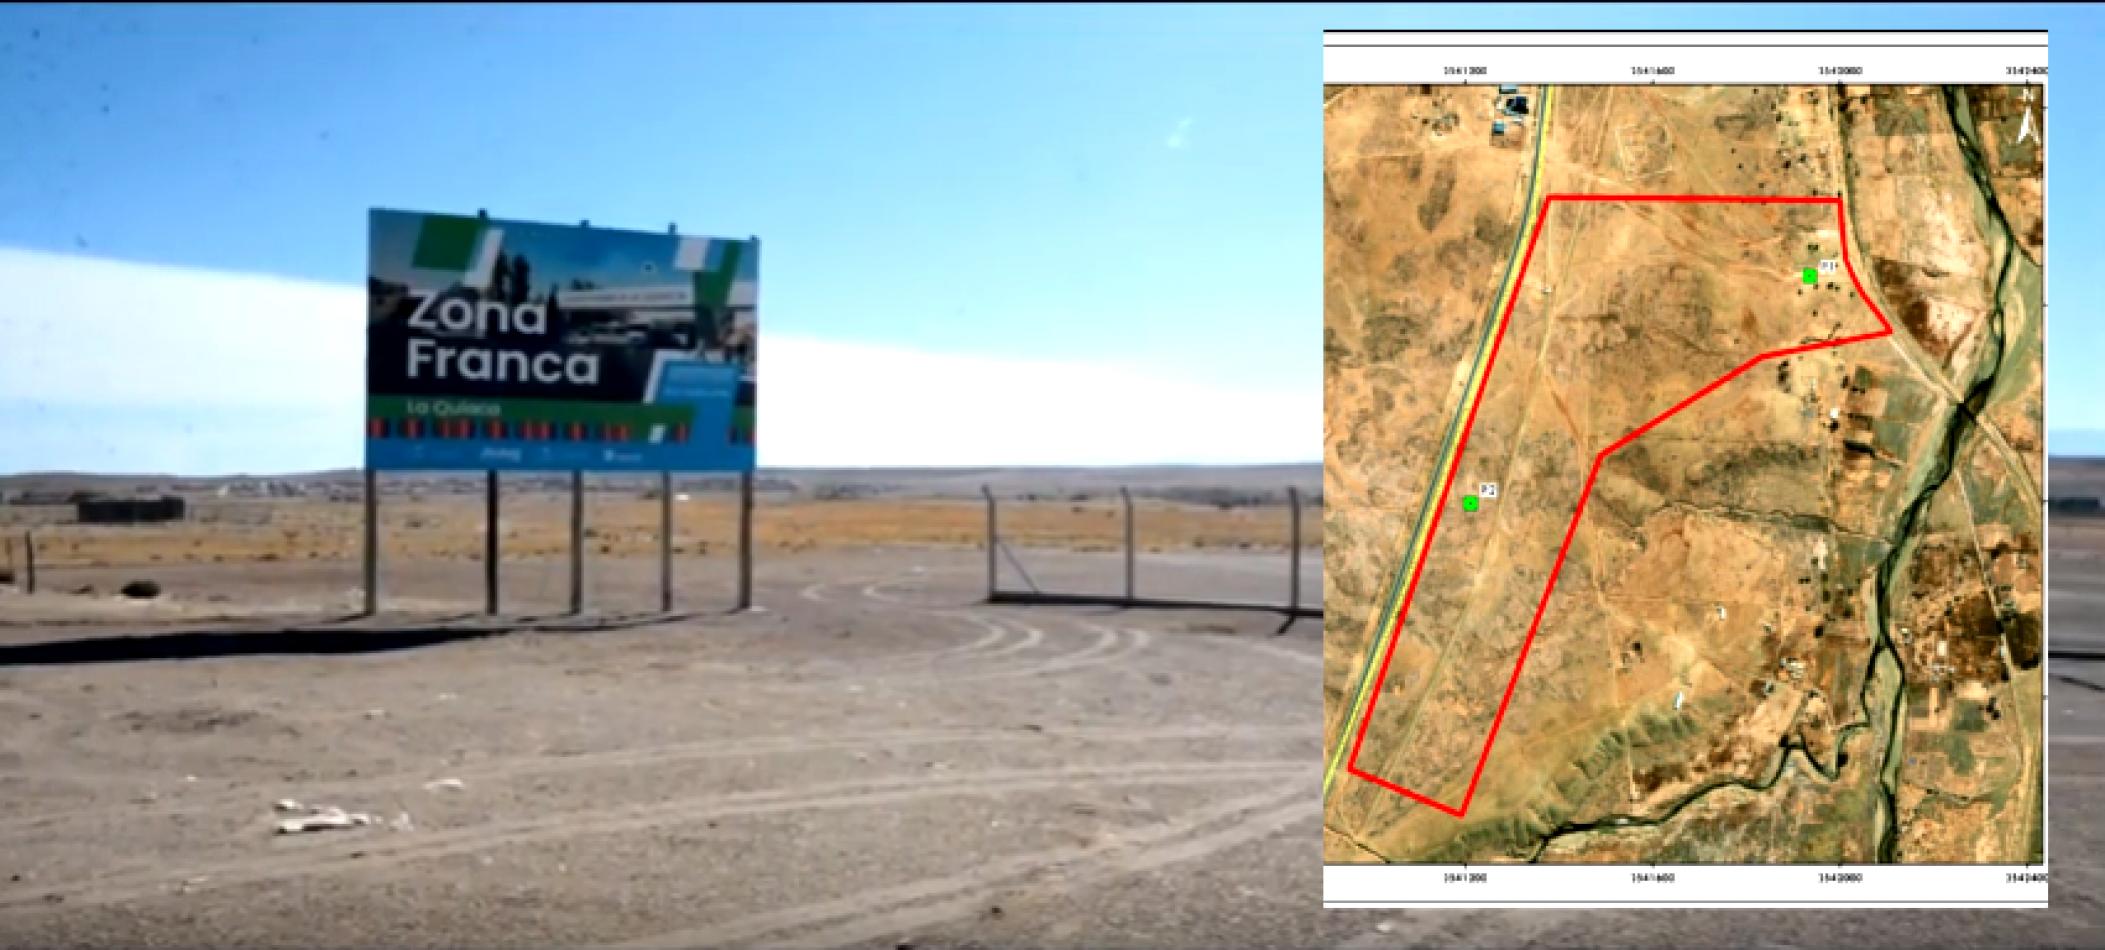 El gobierno de Morales modificó el área que ocupará la zona franca en La Quiaca sin consultar a la comunidad